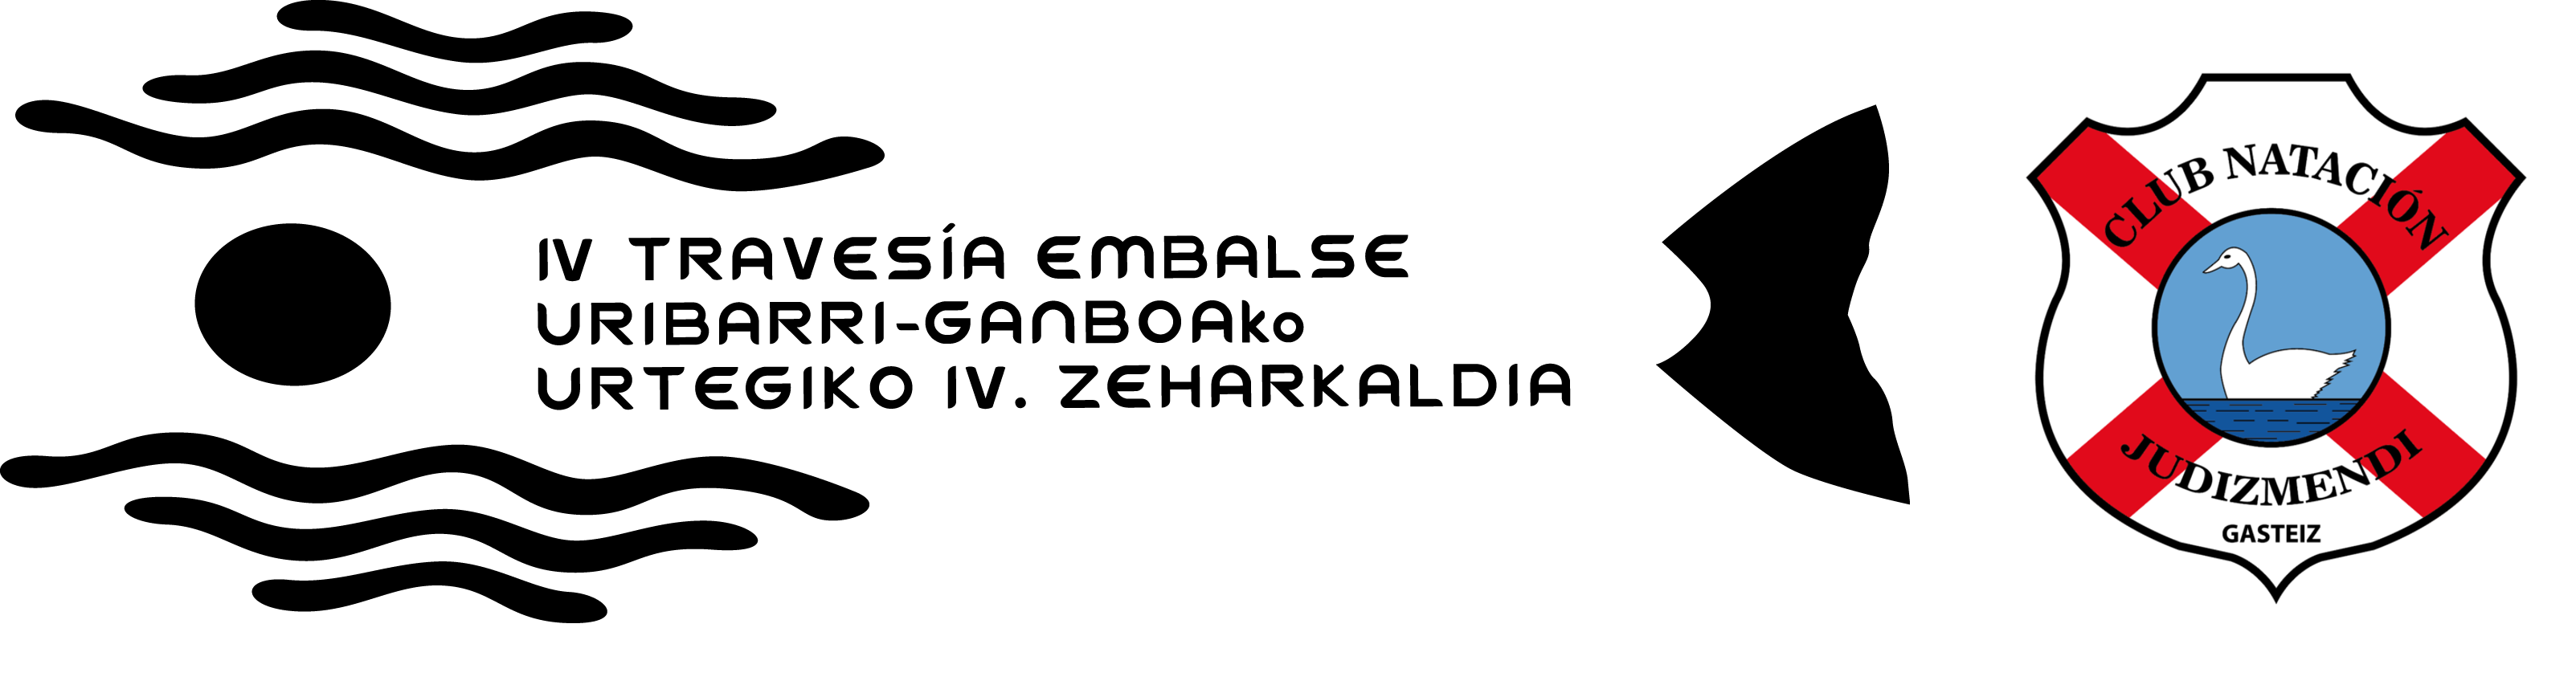 Travesía embalse Uribarri-Ganboako urtegiko zeharkaldia